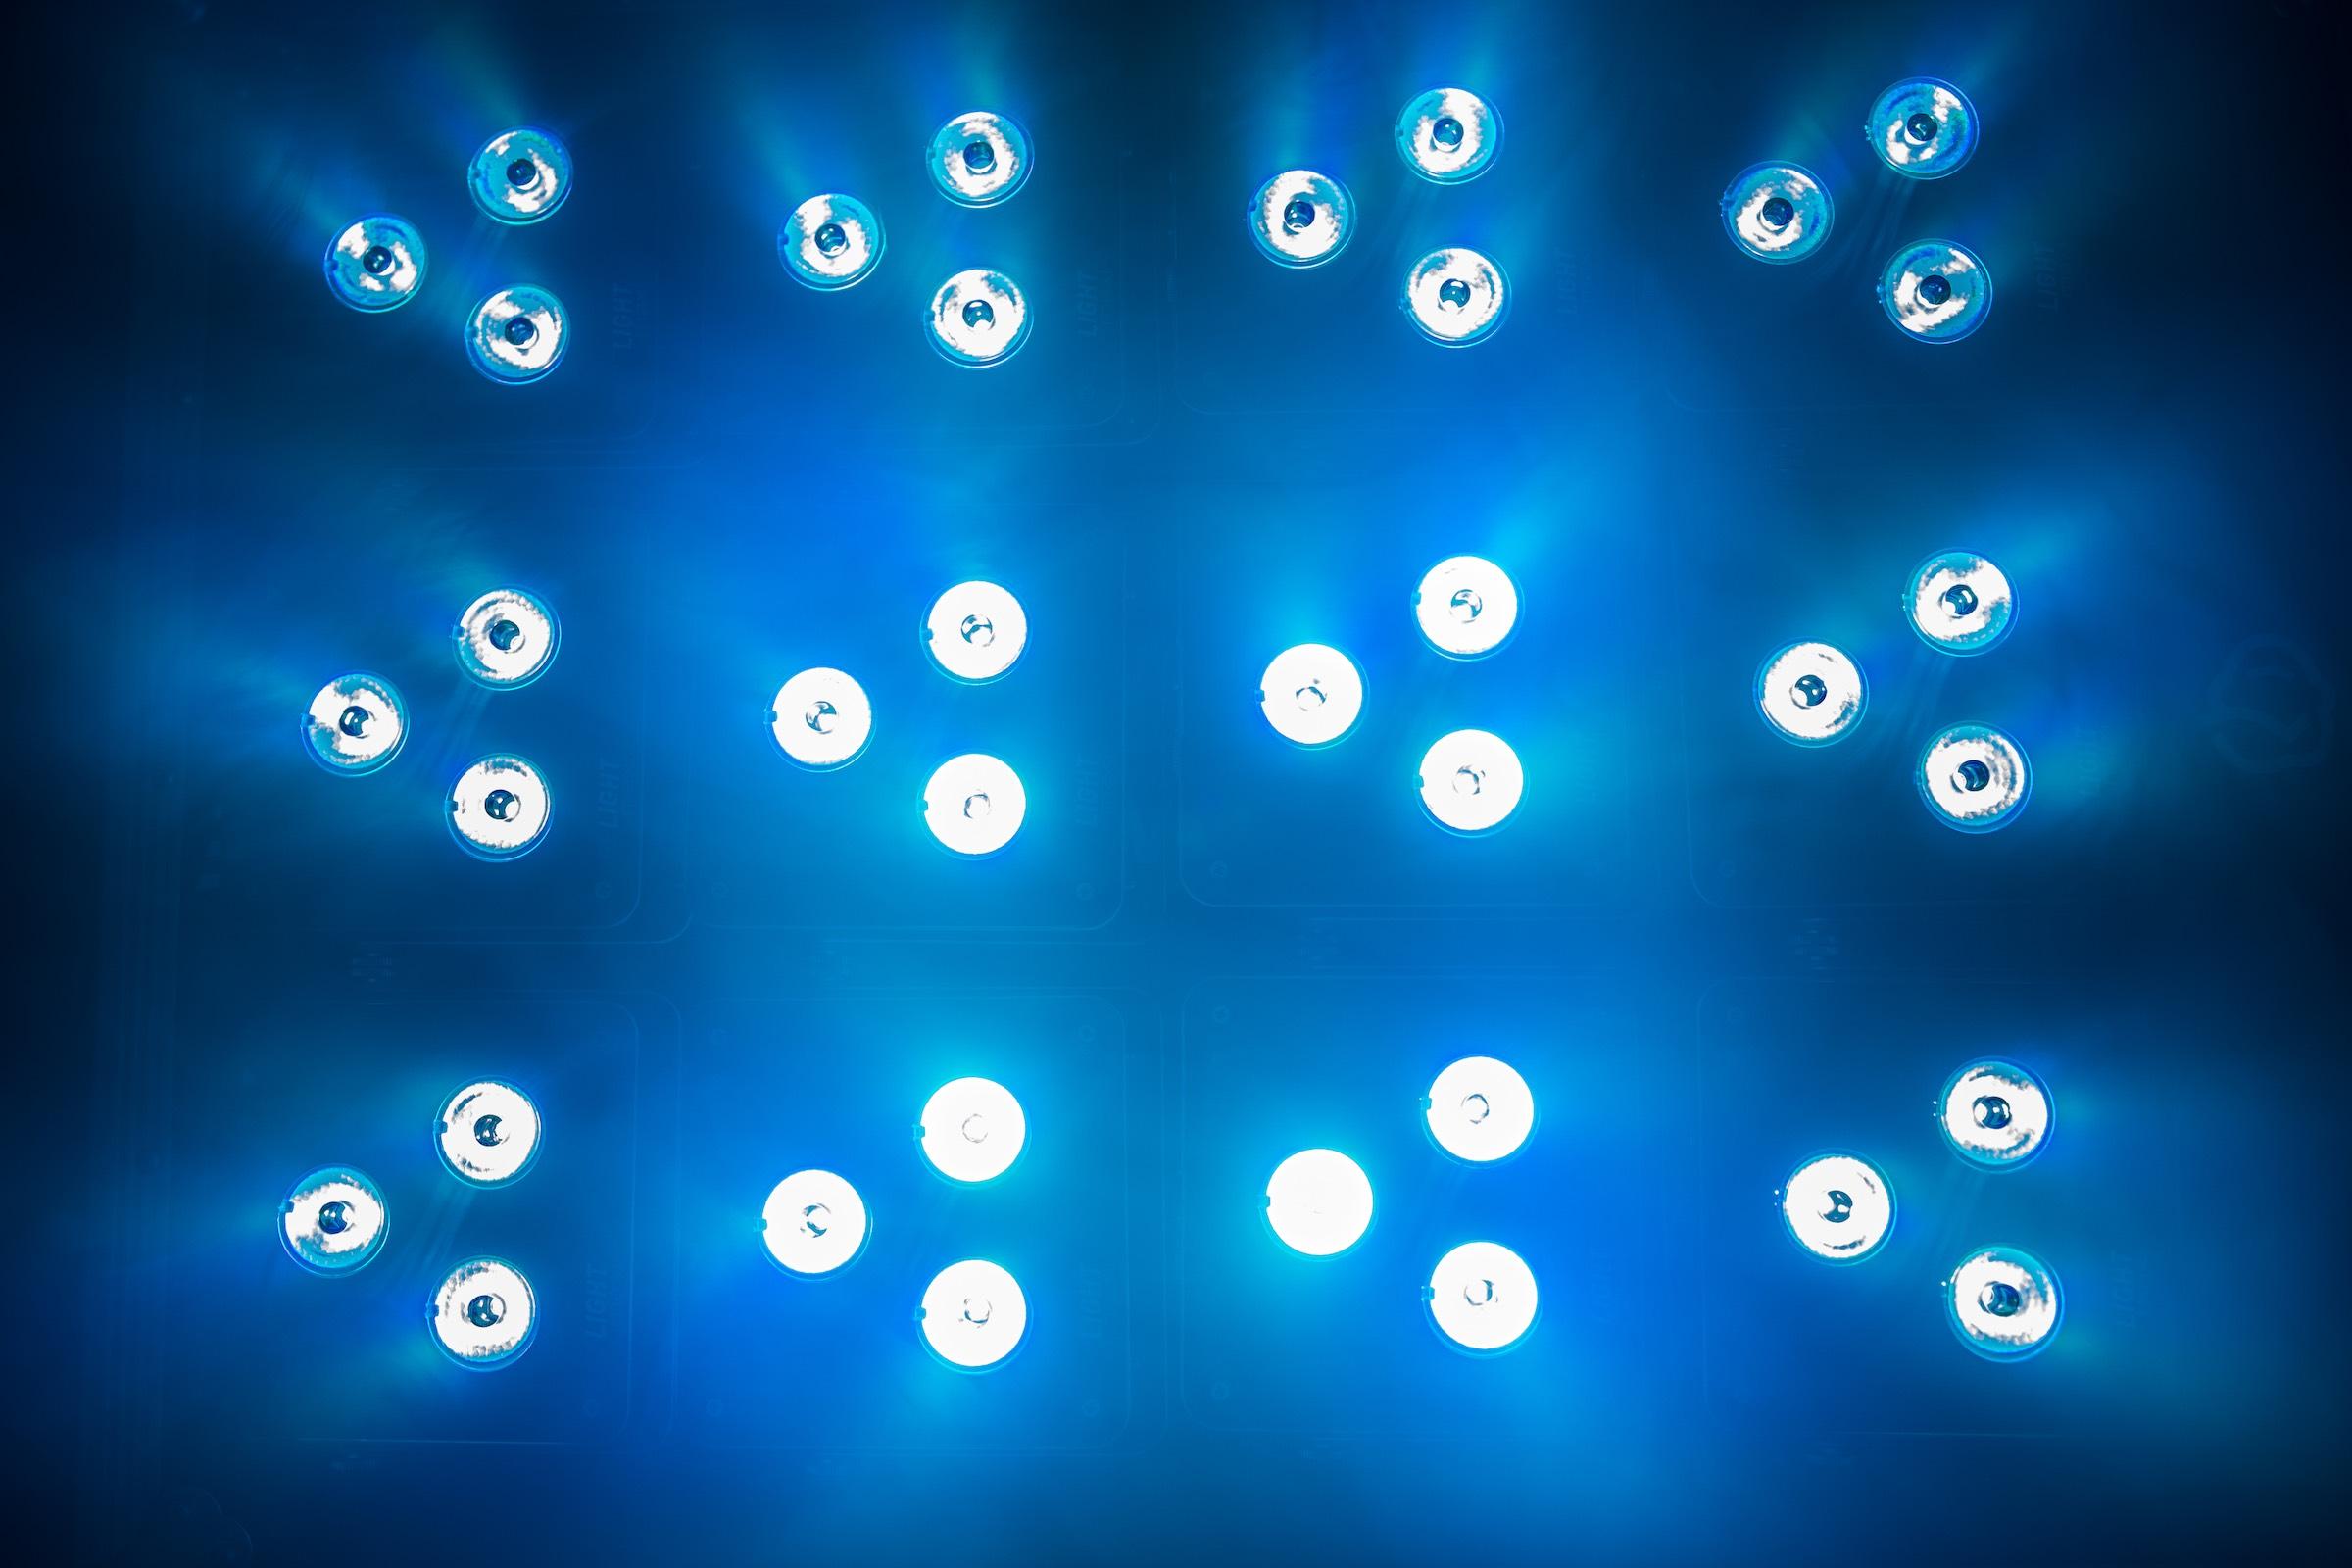 Floorspots | Raumbeleuchtung | Event | Ambientebeleuchtung | Lichttechnik | LED | Akku | Spot | Eventtechnik | Location | Buchen | Mieten | Anfragen